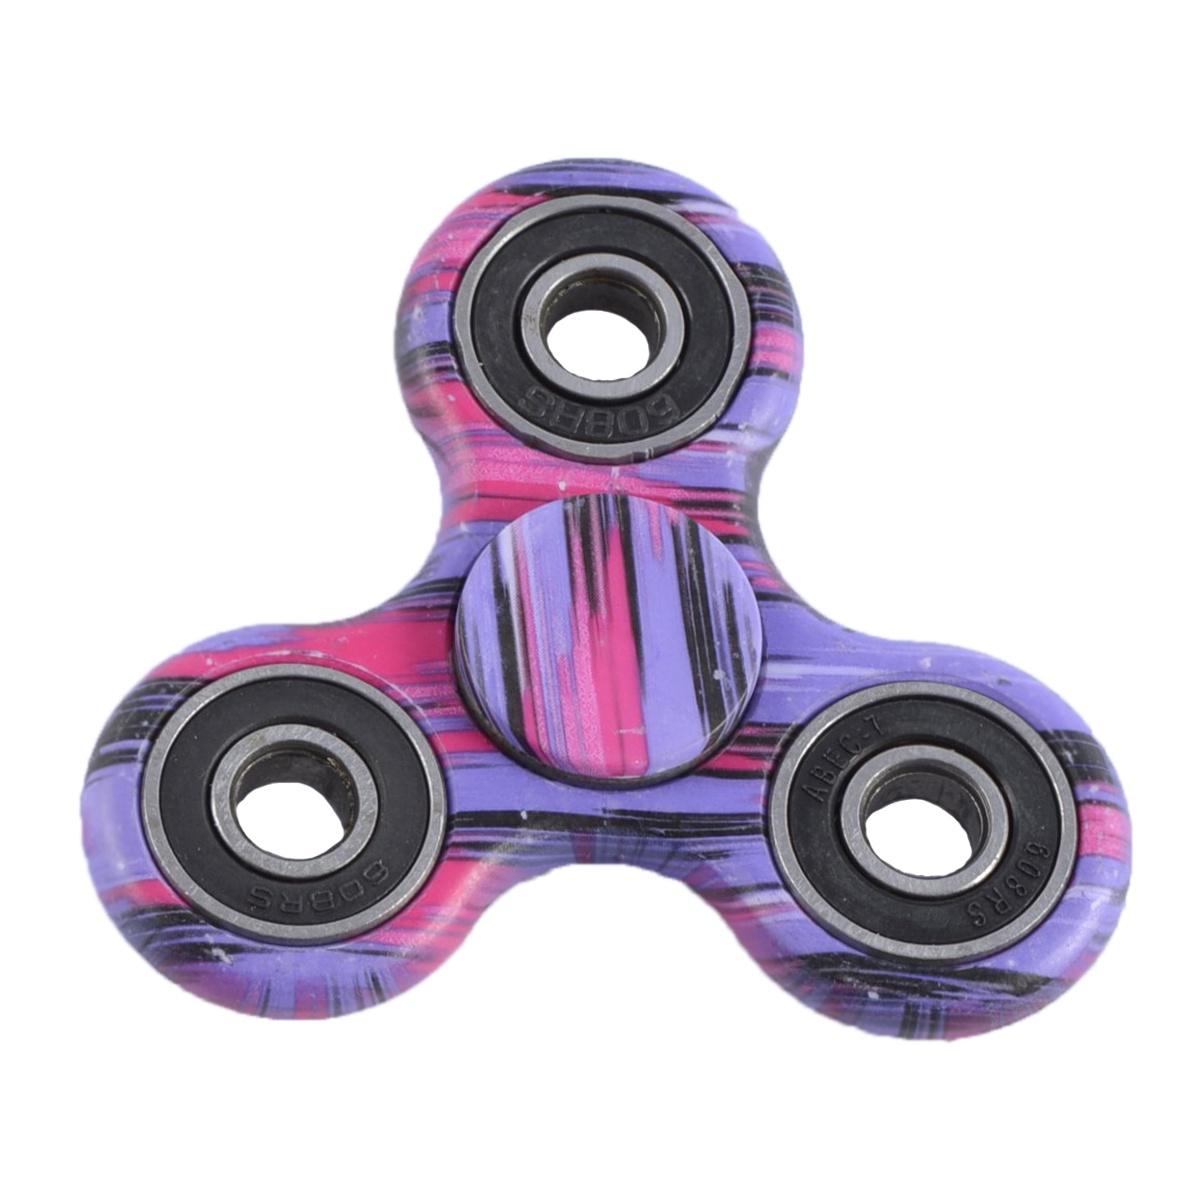 Спиннер Fidget Spinner Антистресс, FSPIN0030 игрушка антистресс спиннер fidget hand spinner